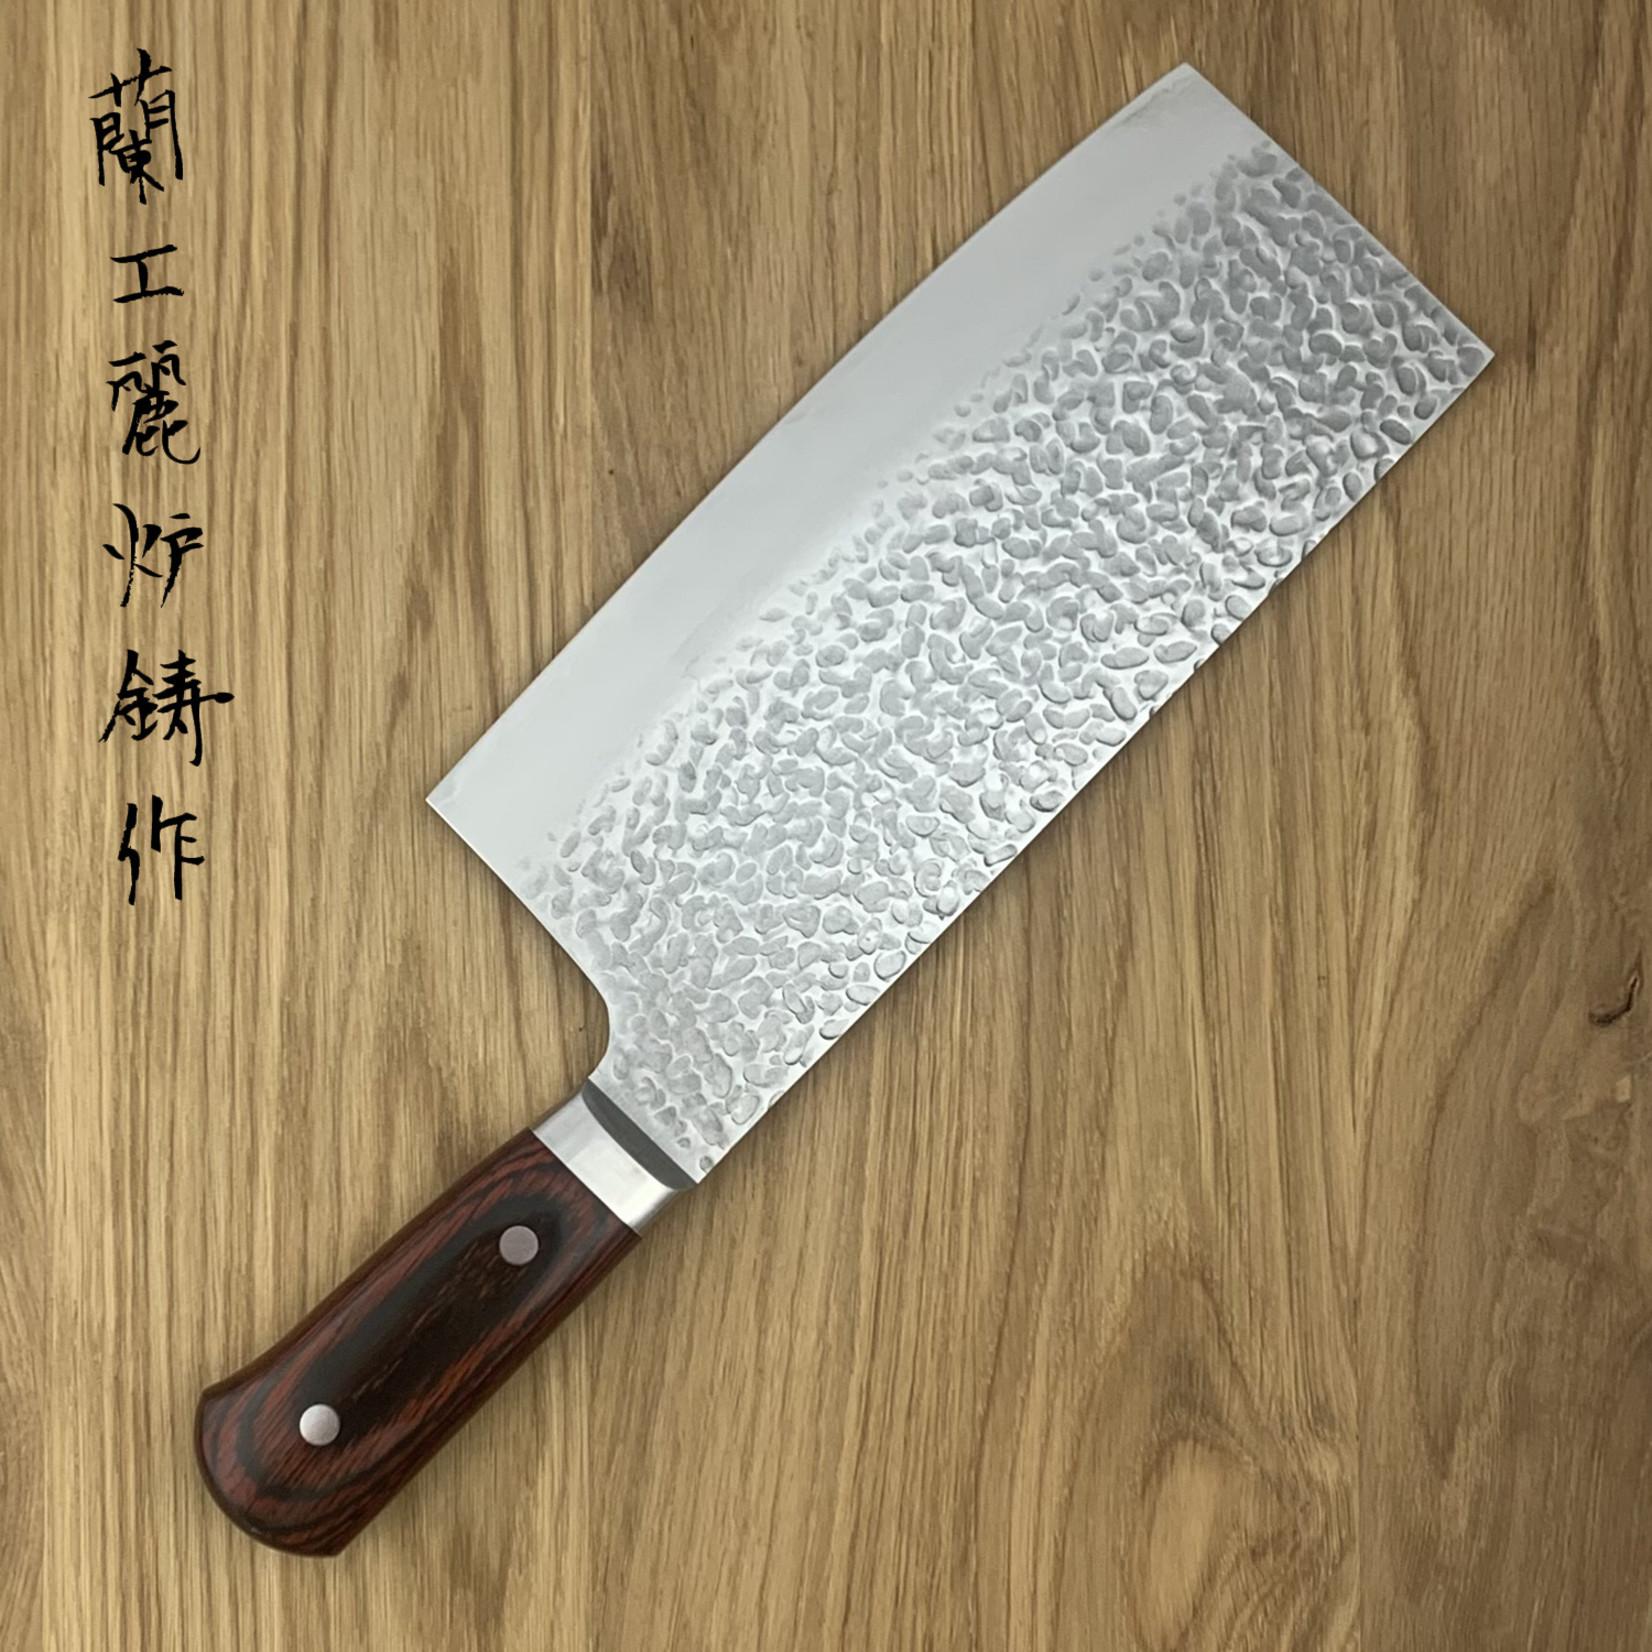 SAKAI TAKAYUKI 33 Layers Chinese Hakbijl 07403